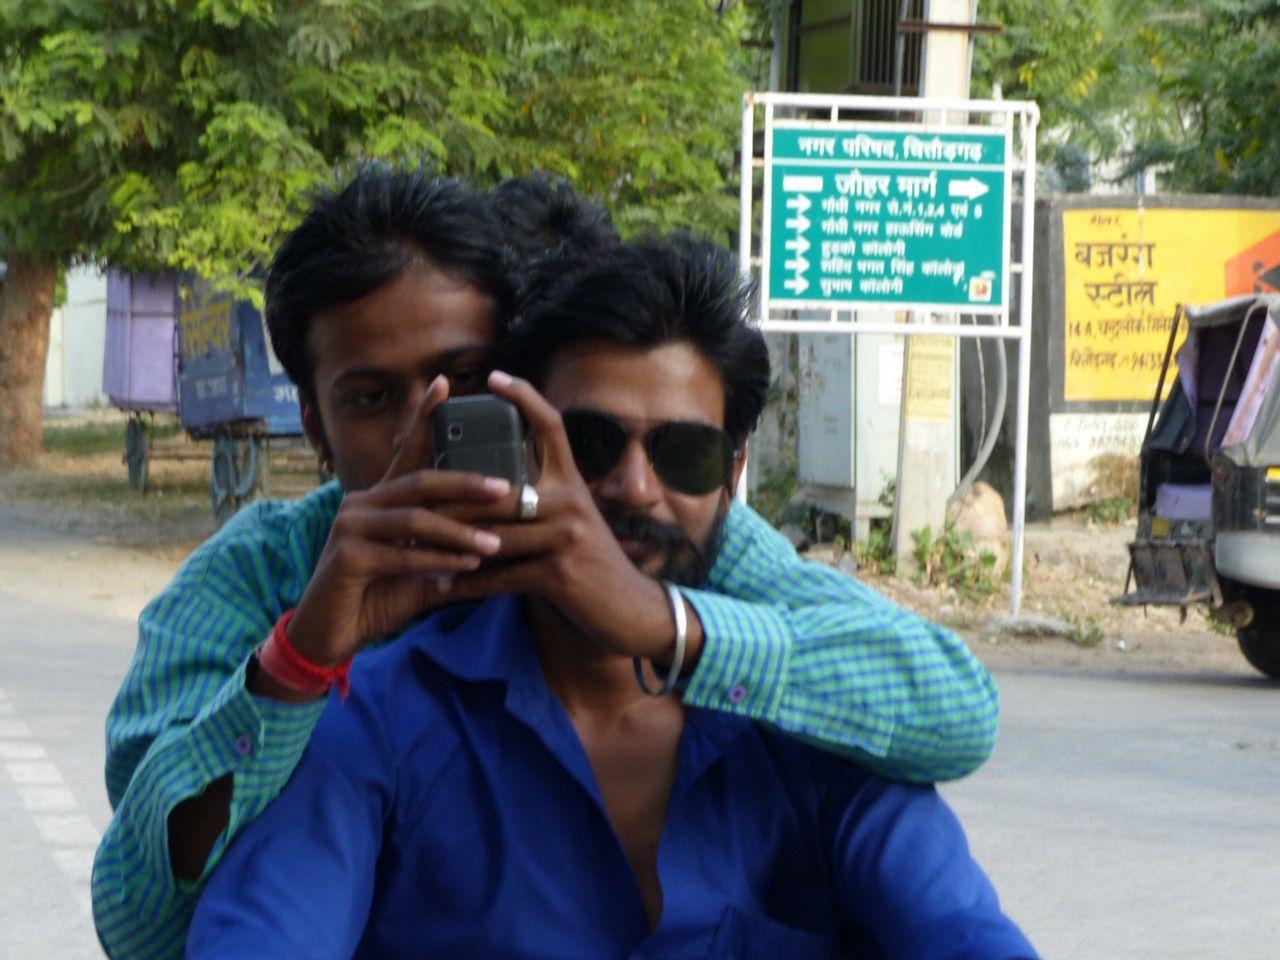 Même sur un scoot, certains continuent à prendre des photos de nous....